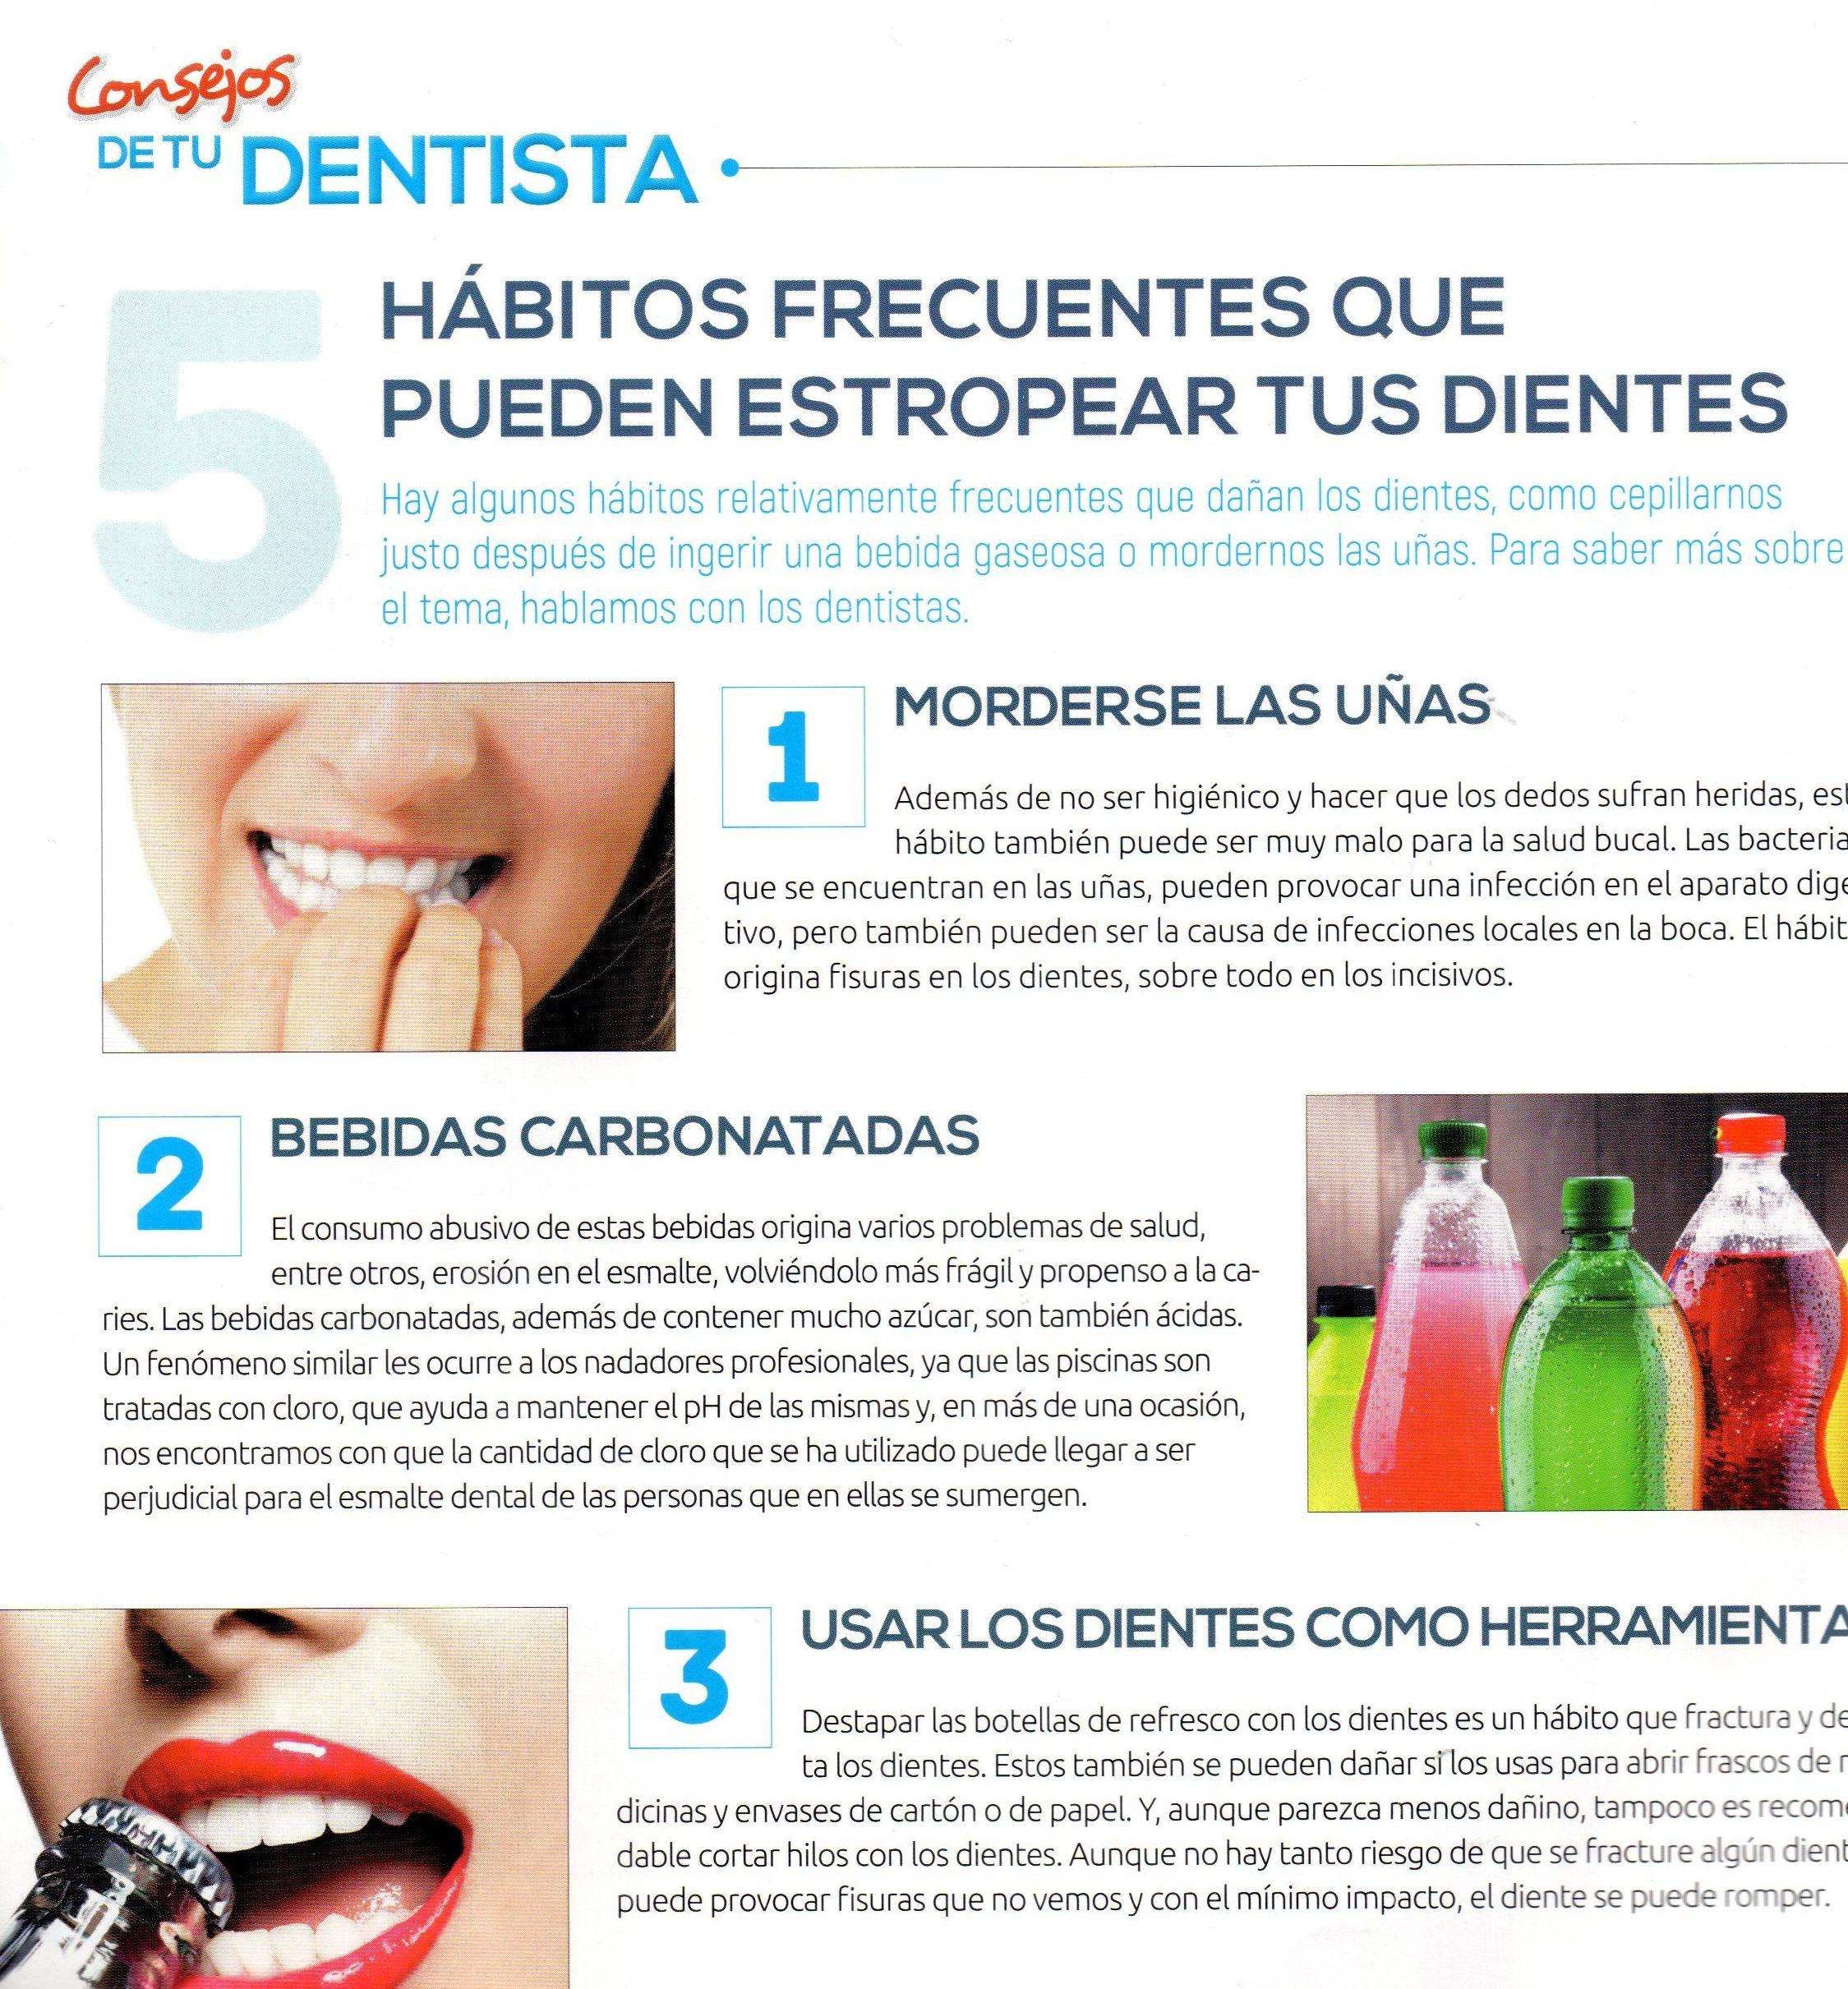 dentista en cadiz javier perez hábitos dañinos